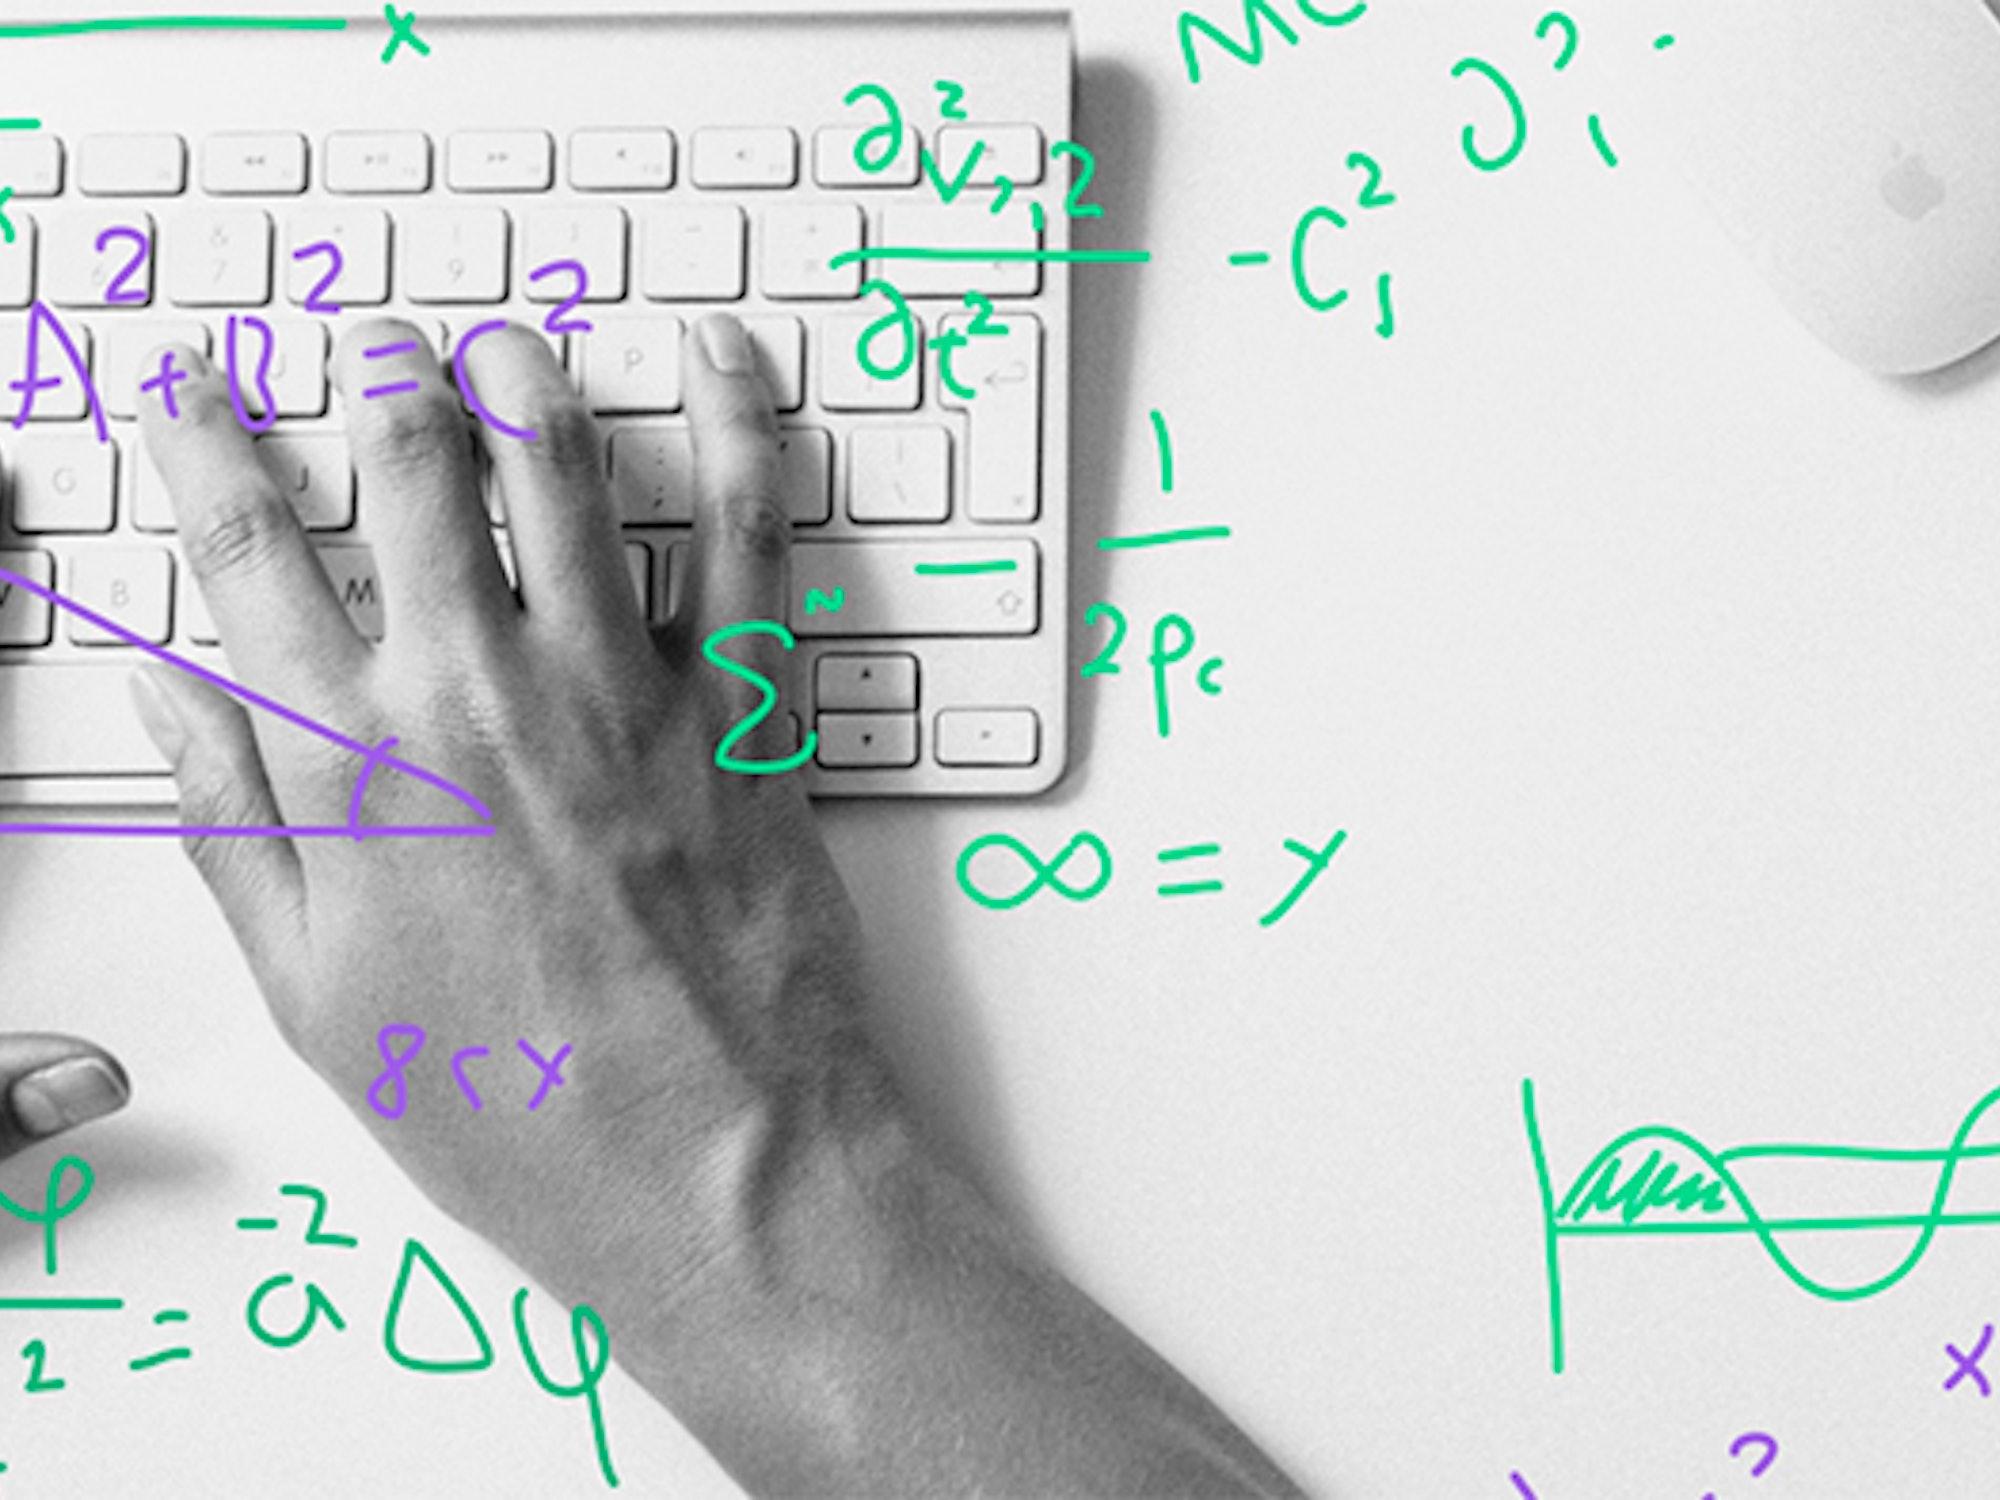 Illustrasjon fra Krogh Optikk av hender og tastatur